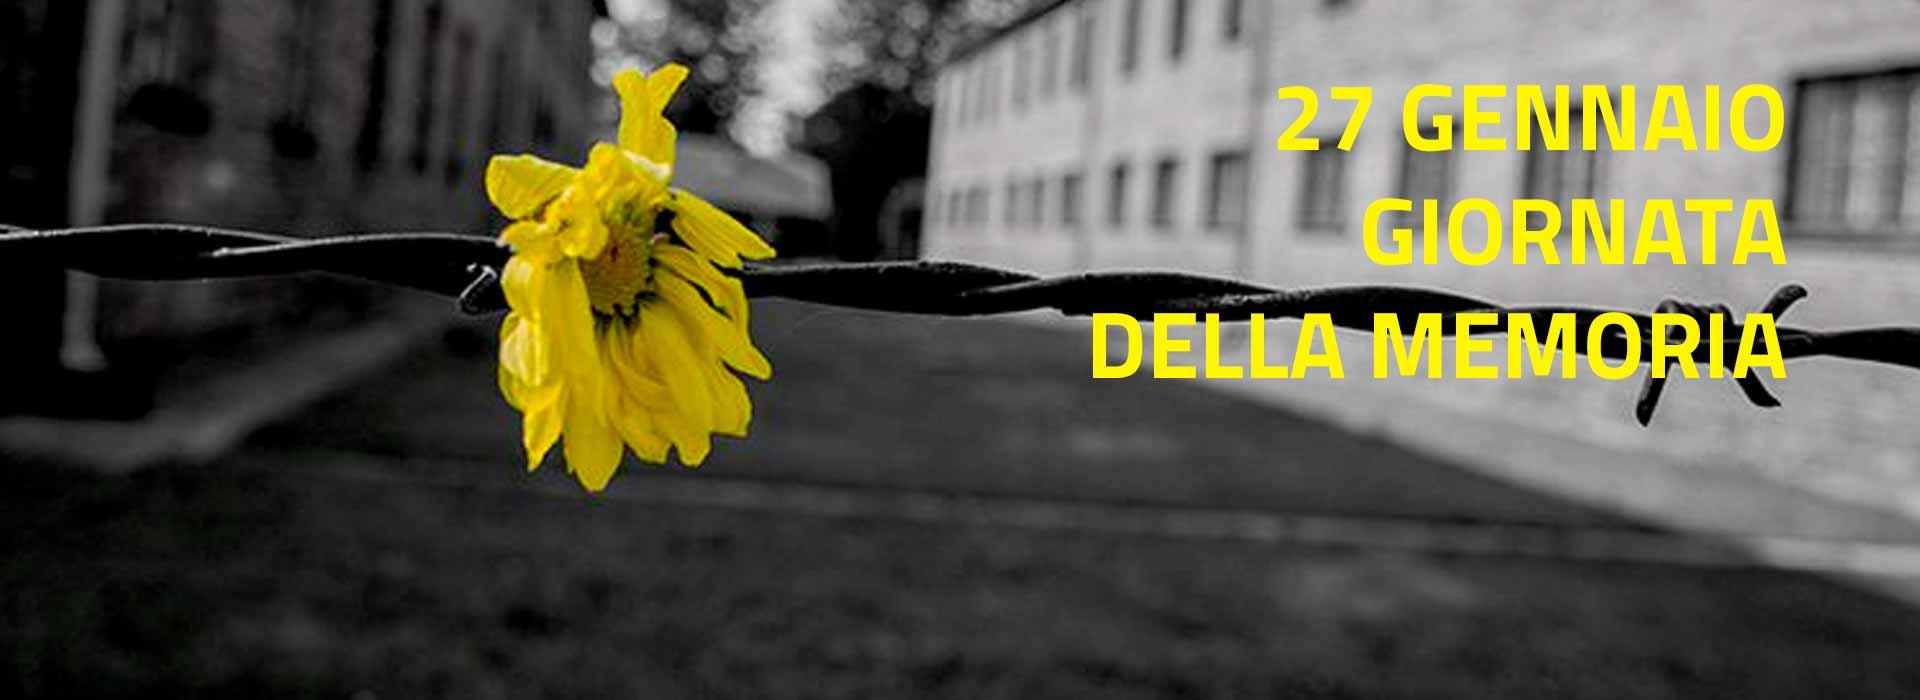 Giornata Della Memoria – 27 Gennaio 2021